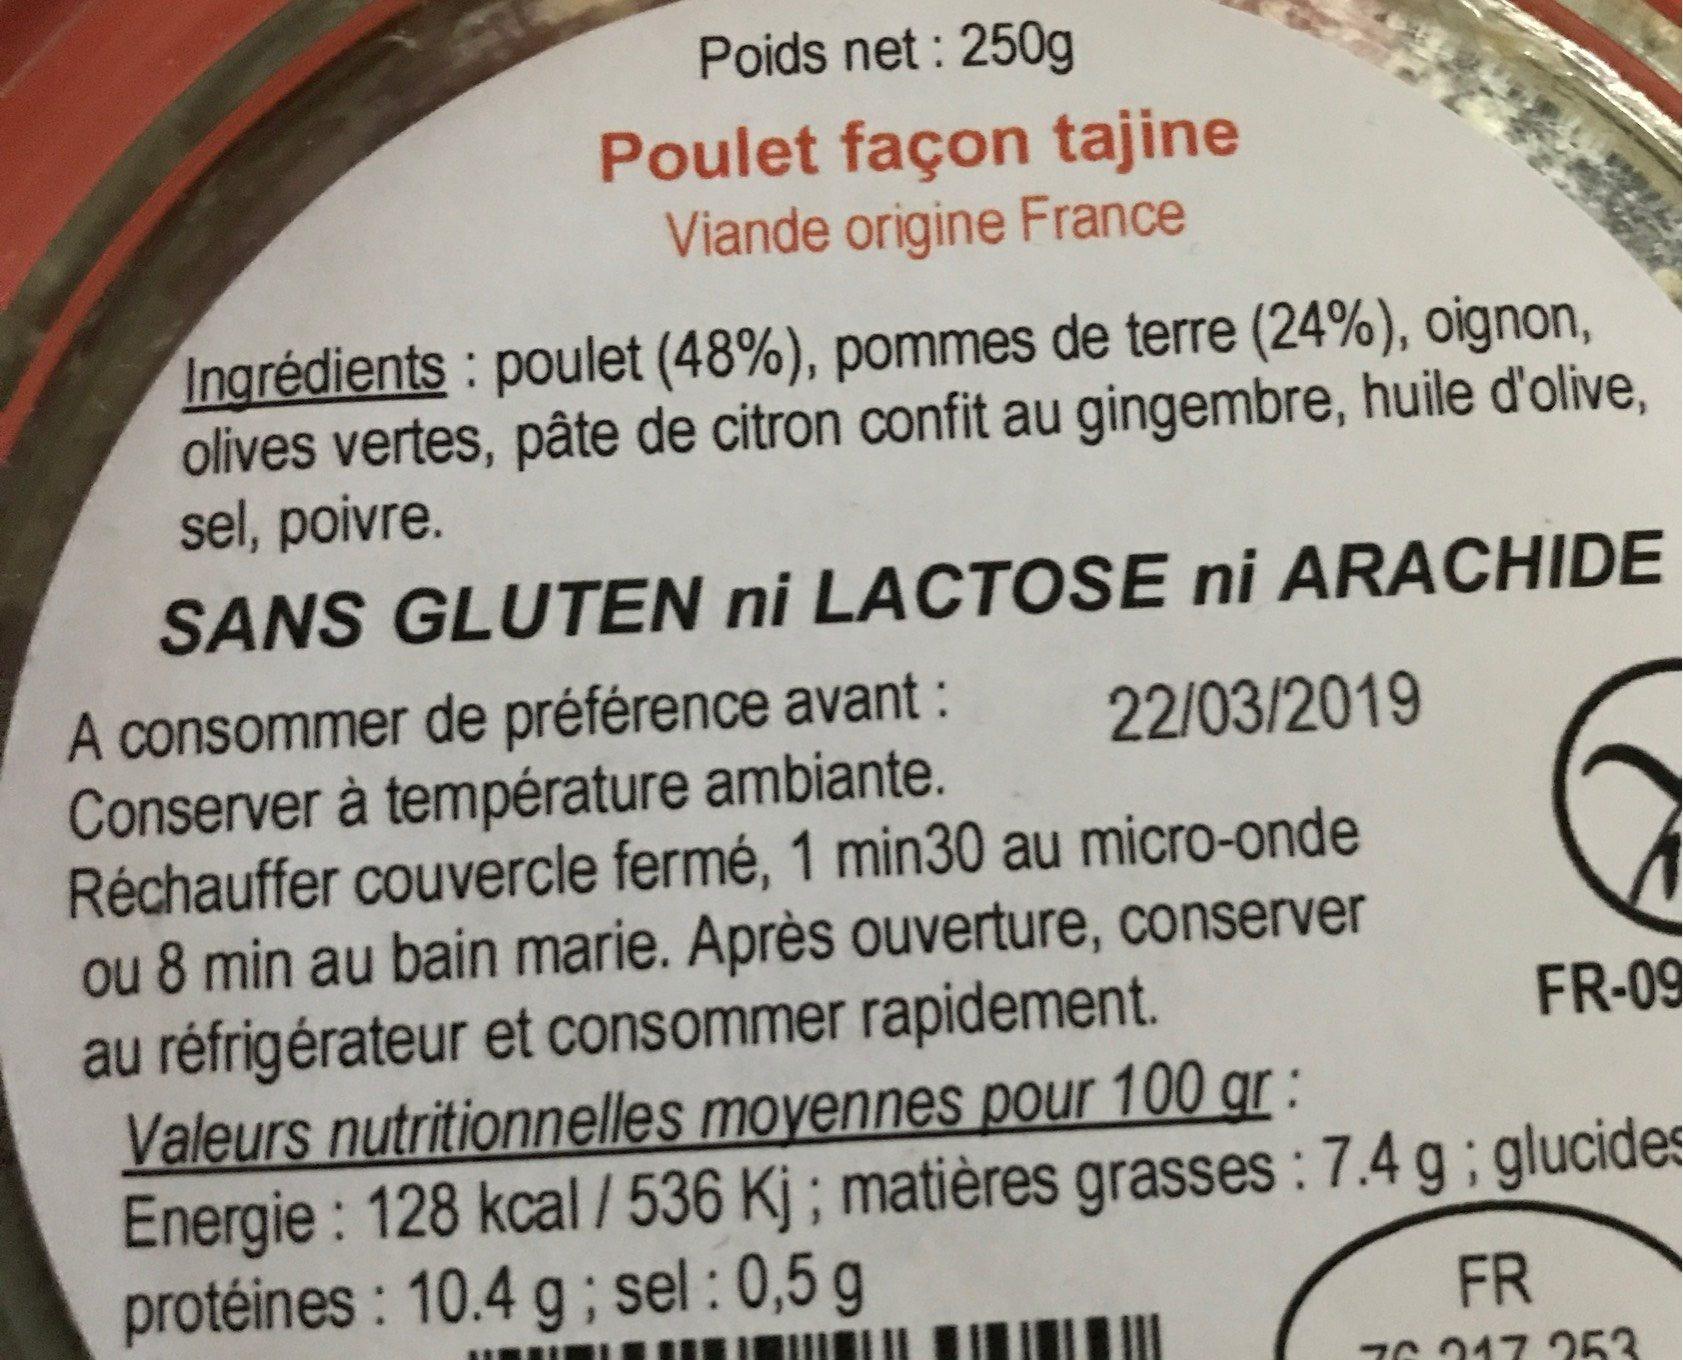 Poulet façon tajine - Nutrition facts